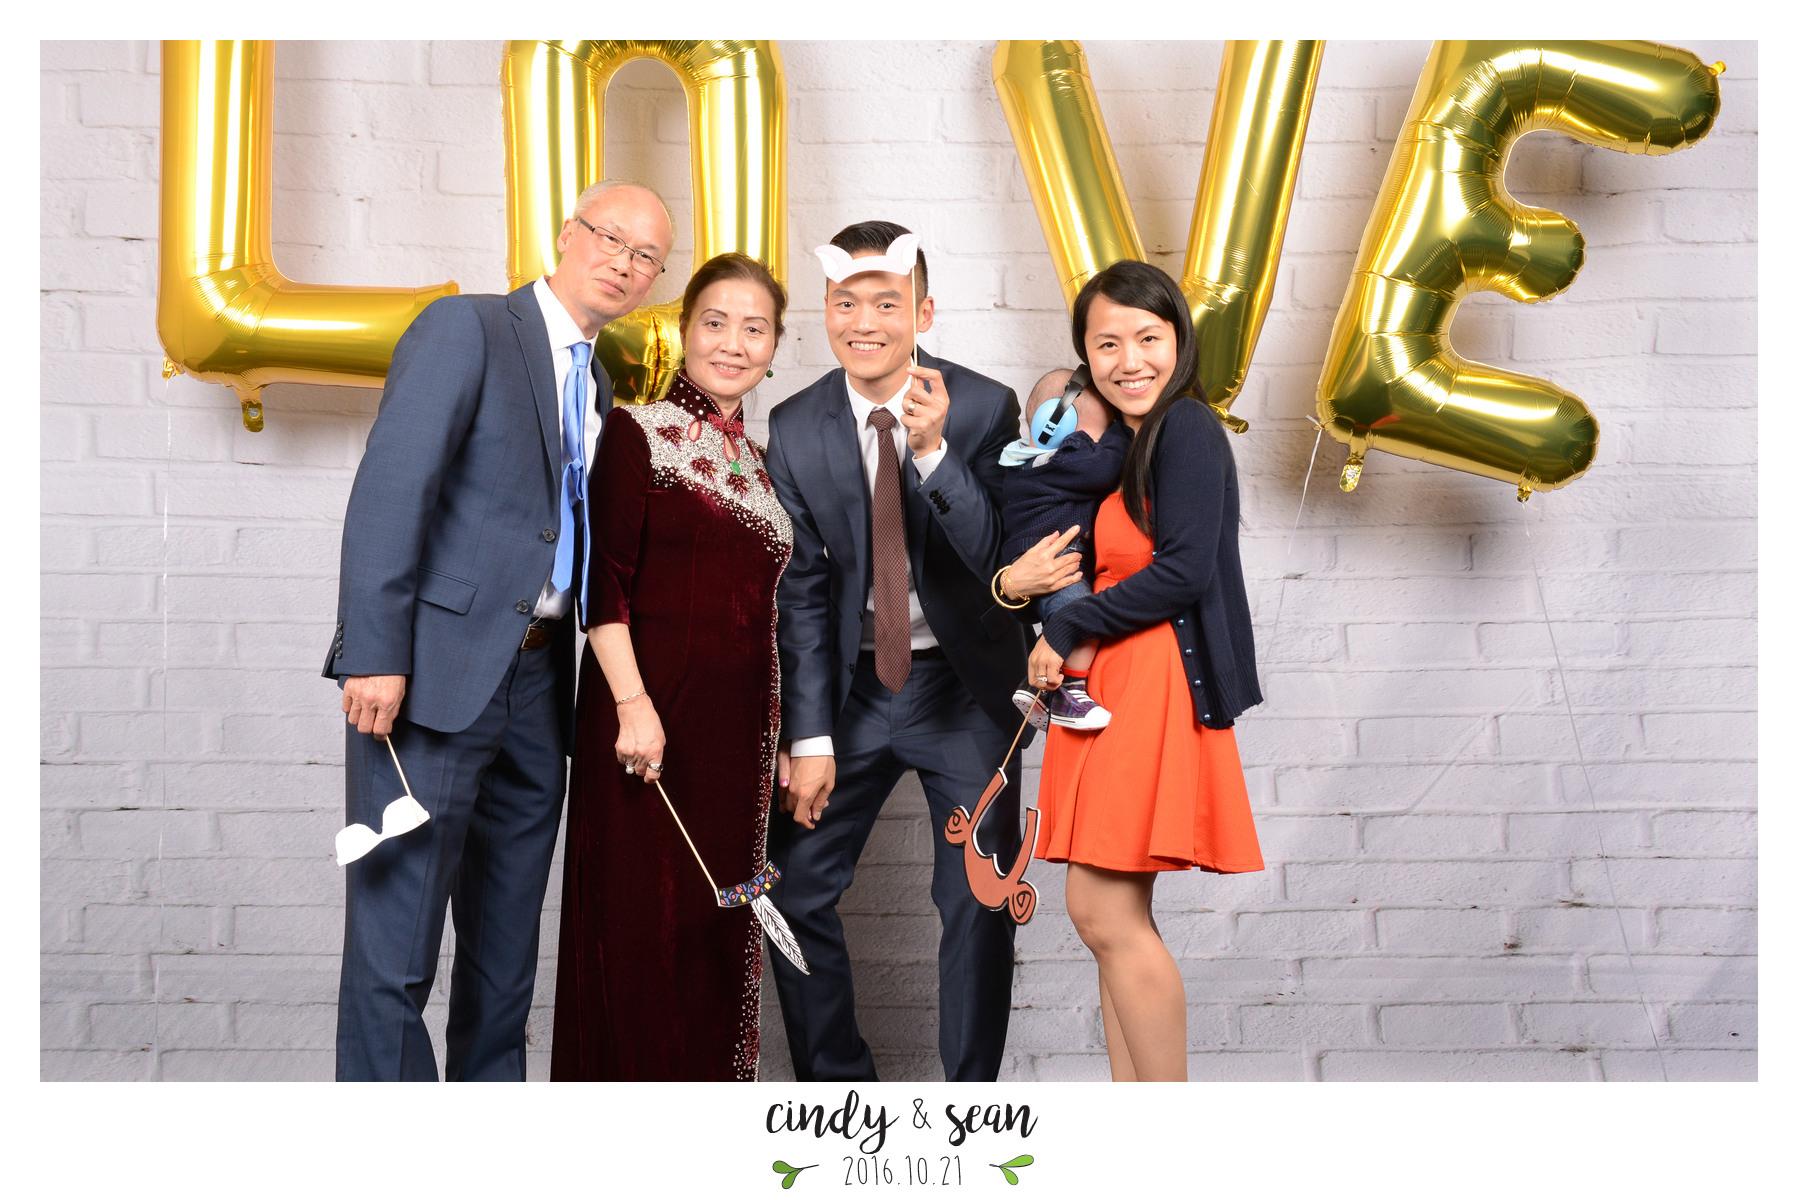 Cindy Sean Bae - 0001-33.jpg